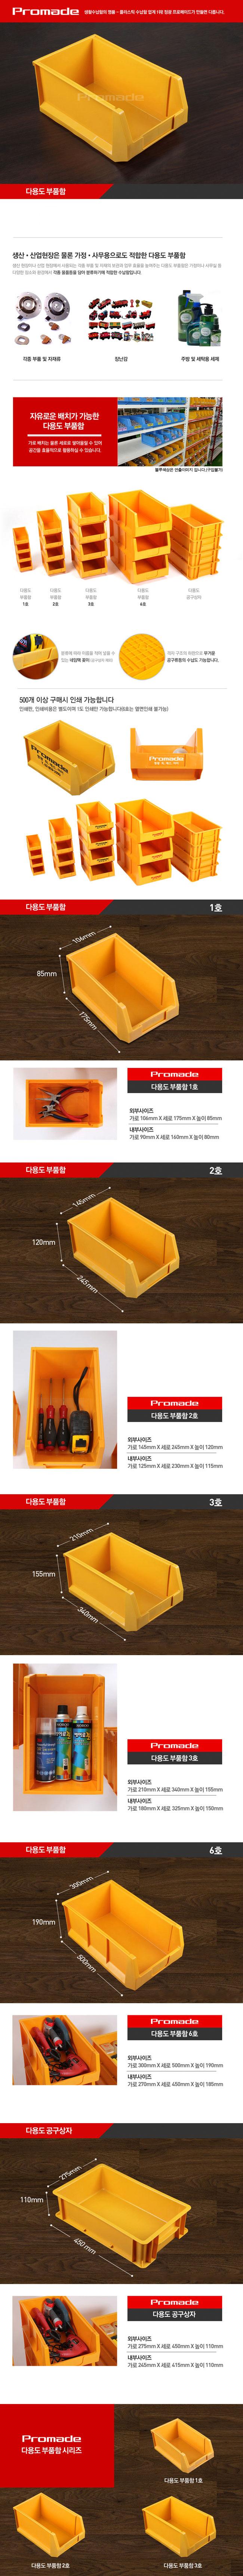 promade 부품정리함 - 프로메이드, 1,400원, 바구니, 플라스틱 바구니